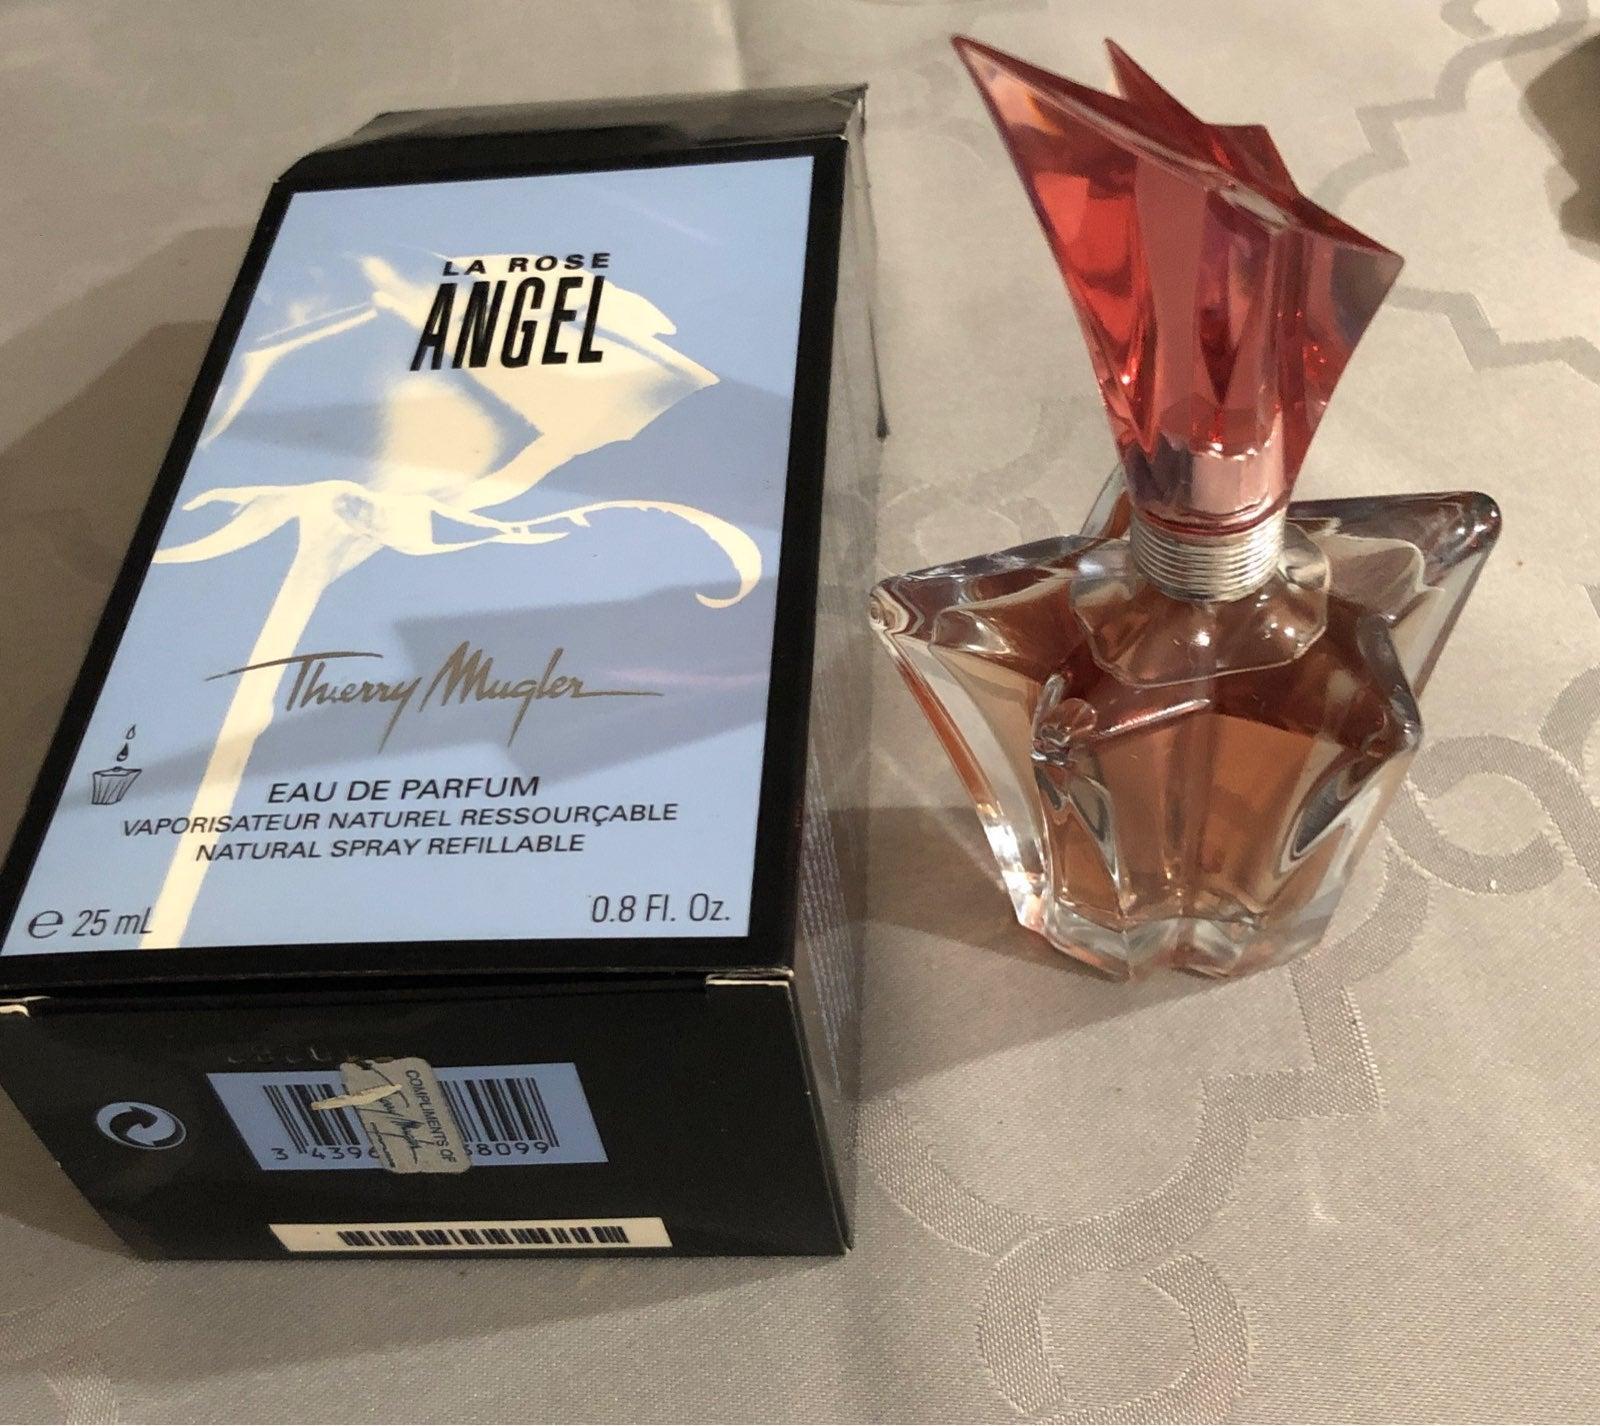 La Rose Angel Eau De Parfum 25ml